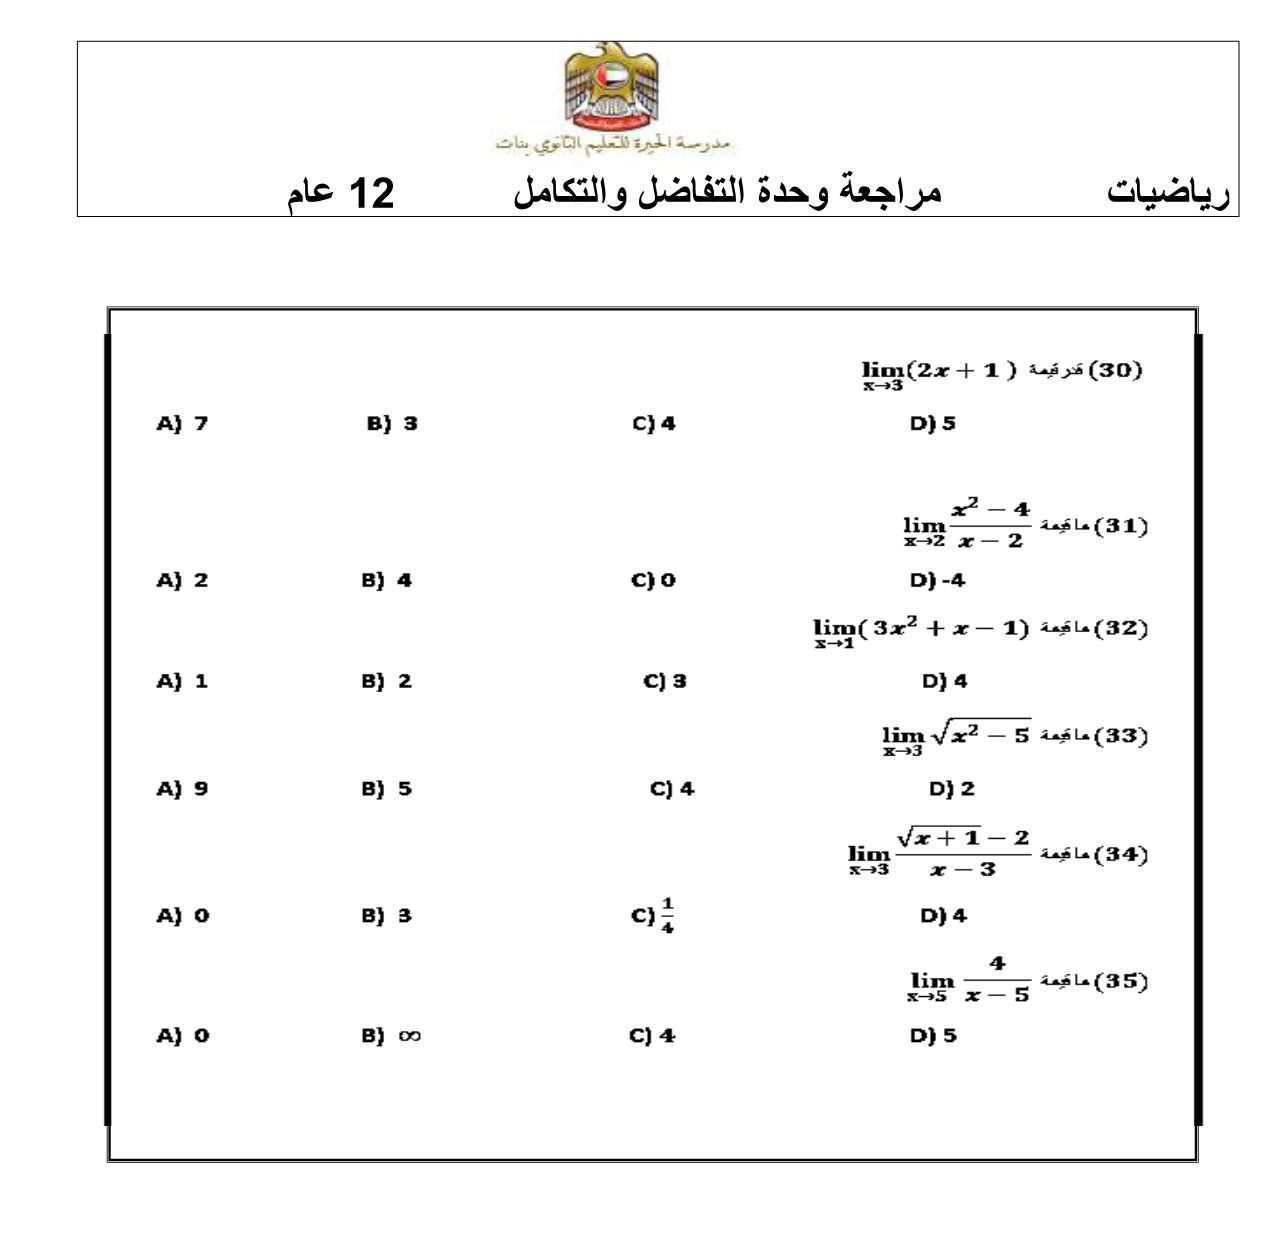 الرياضيات المتكاملة أوراق عمل التفاضل والتكامل للصف الثاني عشر مع الإجابات Math Math Equations